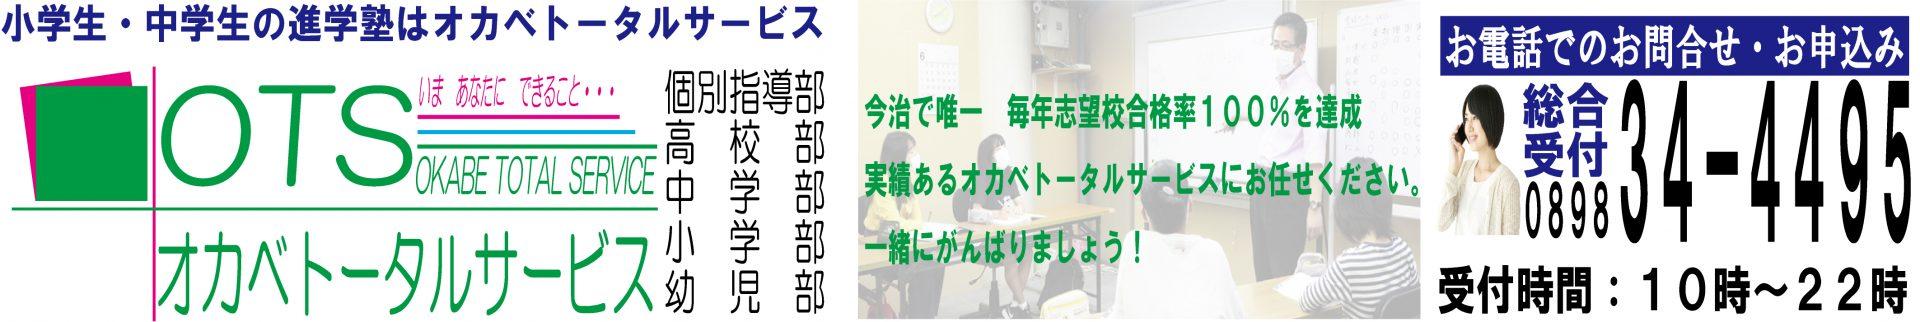 今治市の塾・学習塾・進学塾 オカベトータルサービス